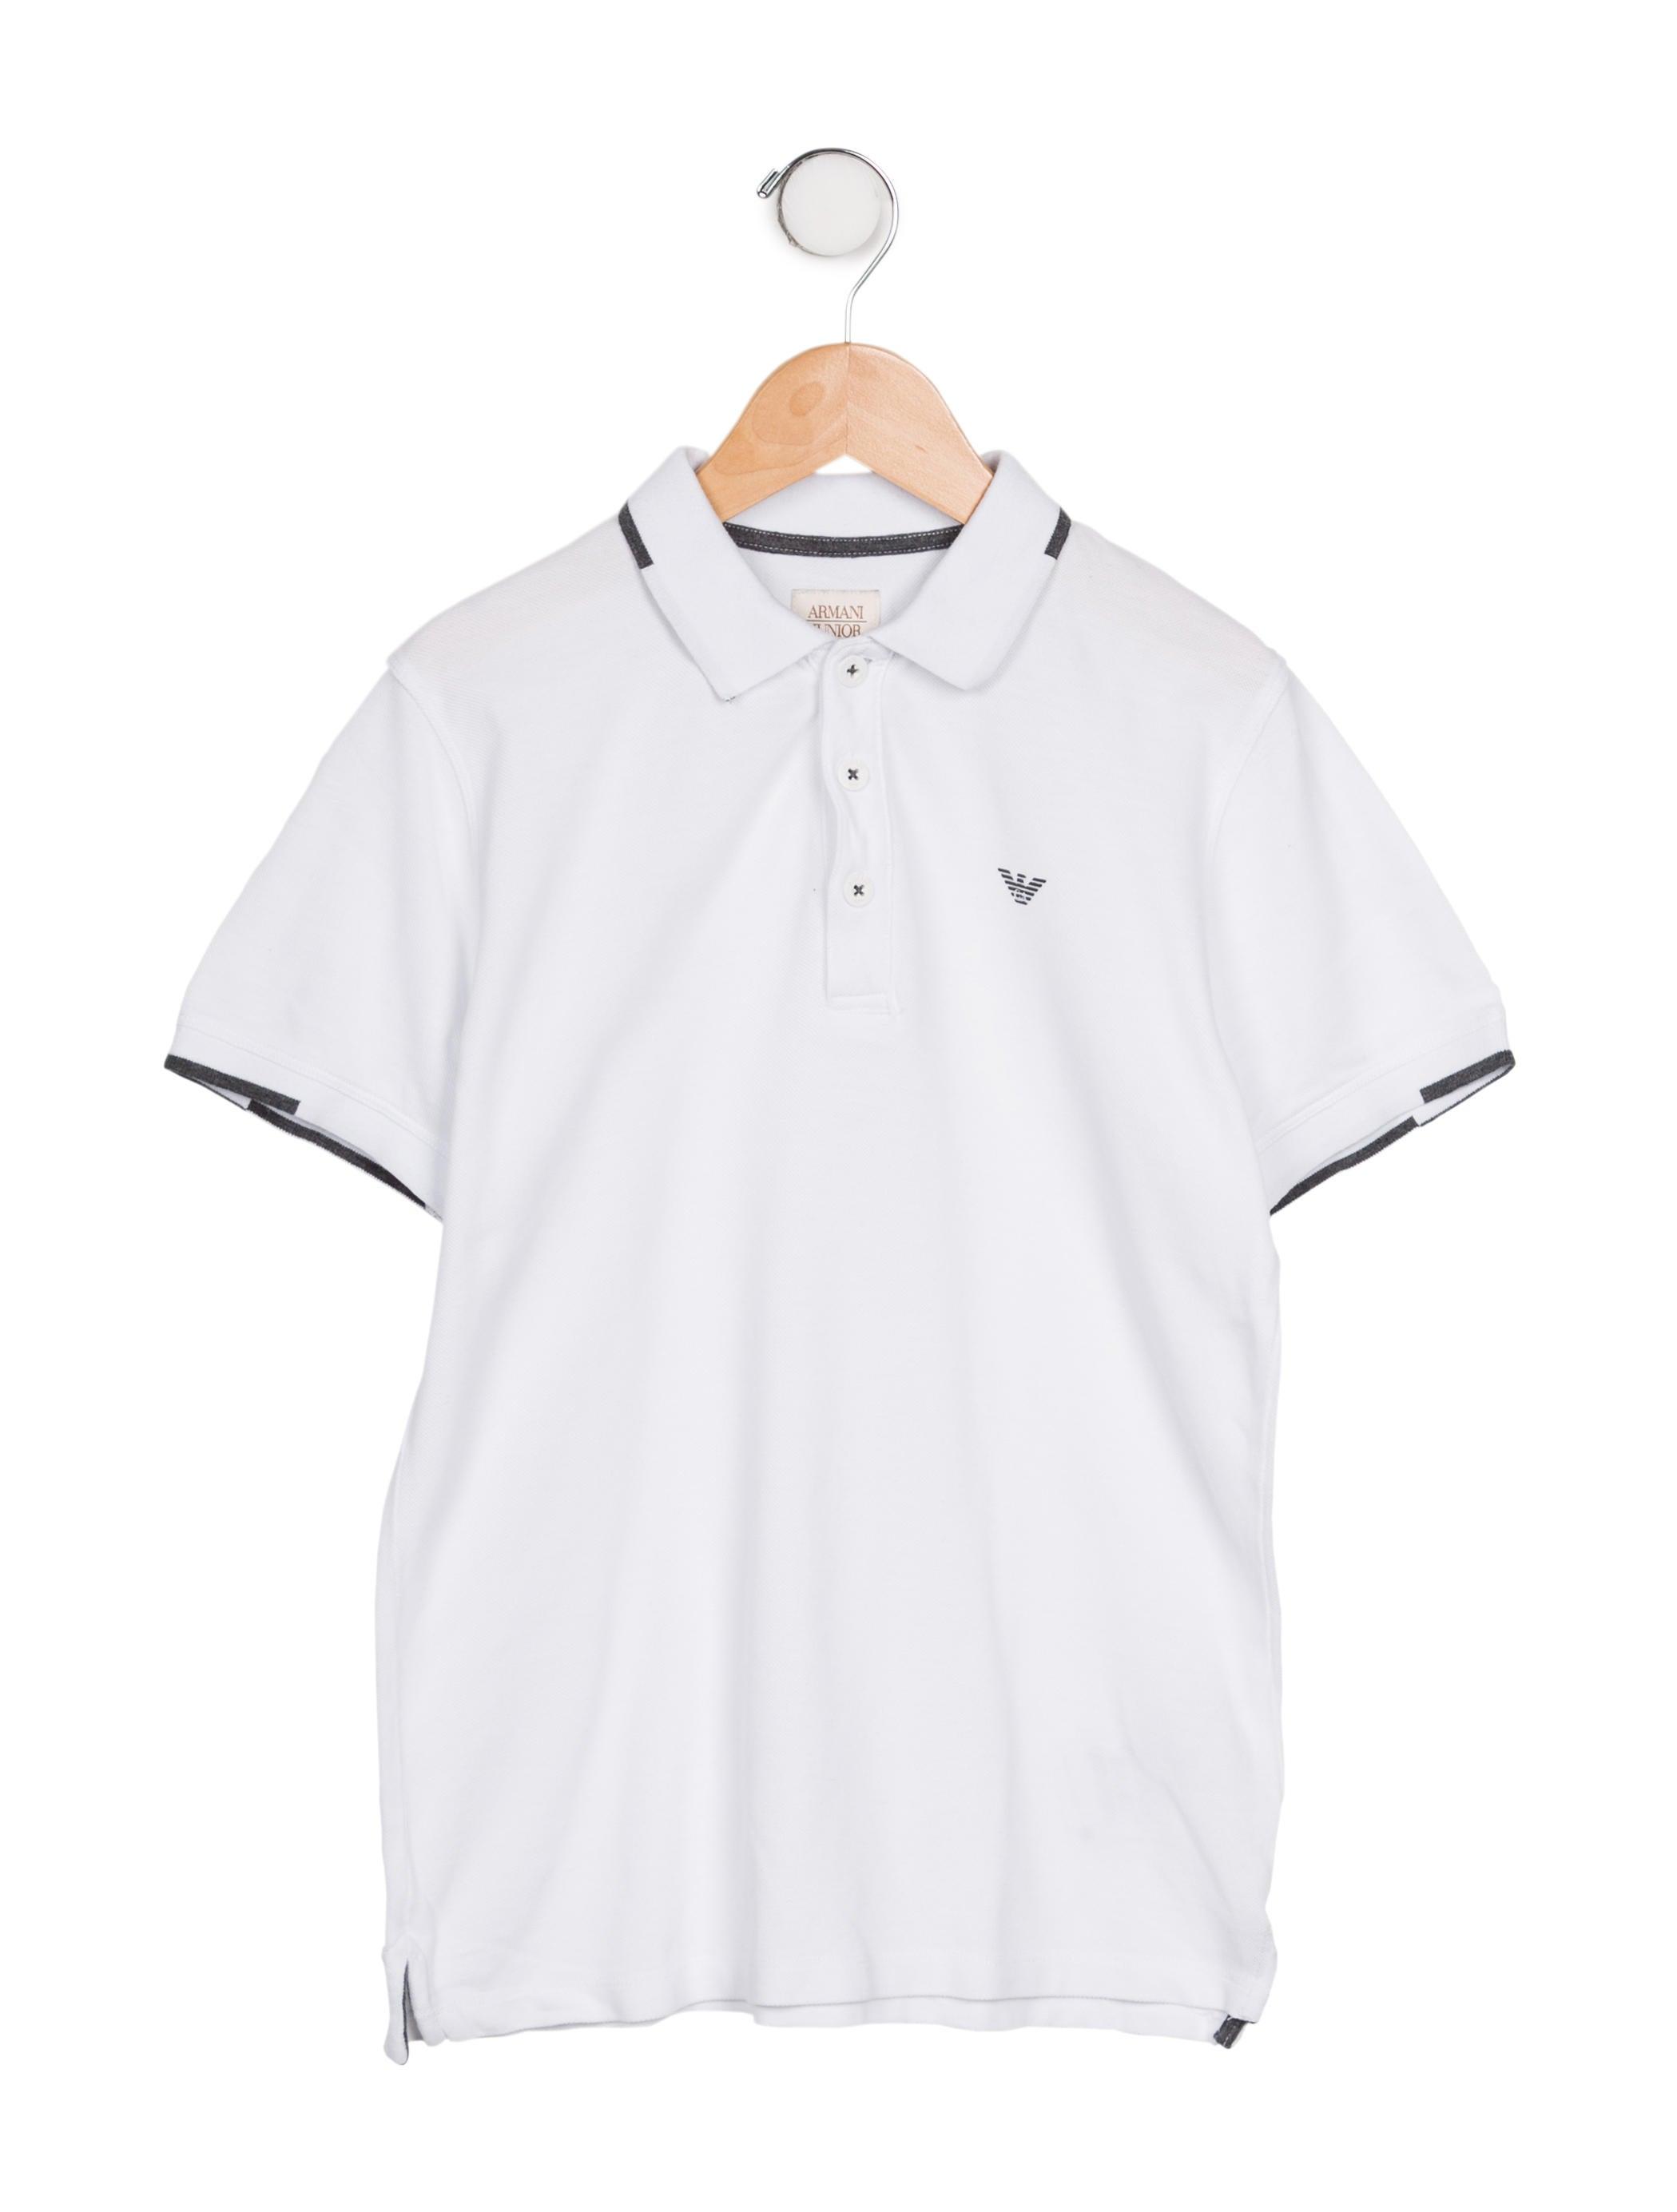 b0baf1821 Armani Junior Boys' Logo Polo Shirt - Boys - WAJUN22471 | The RealReal